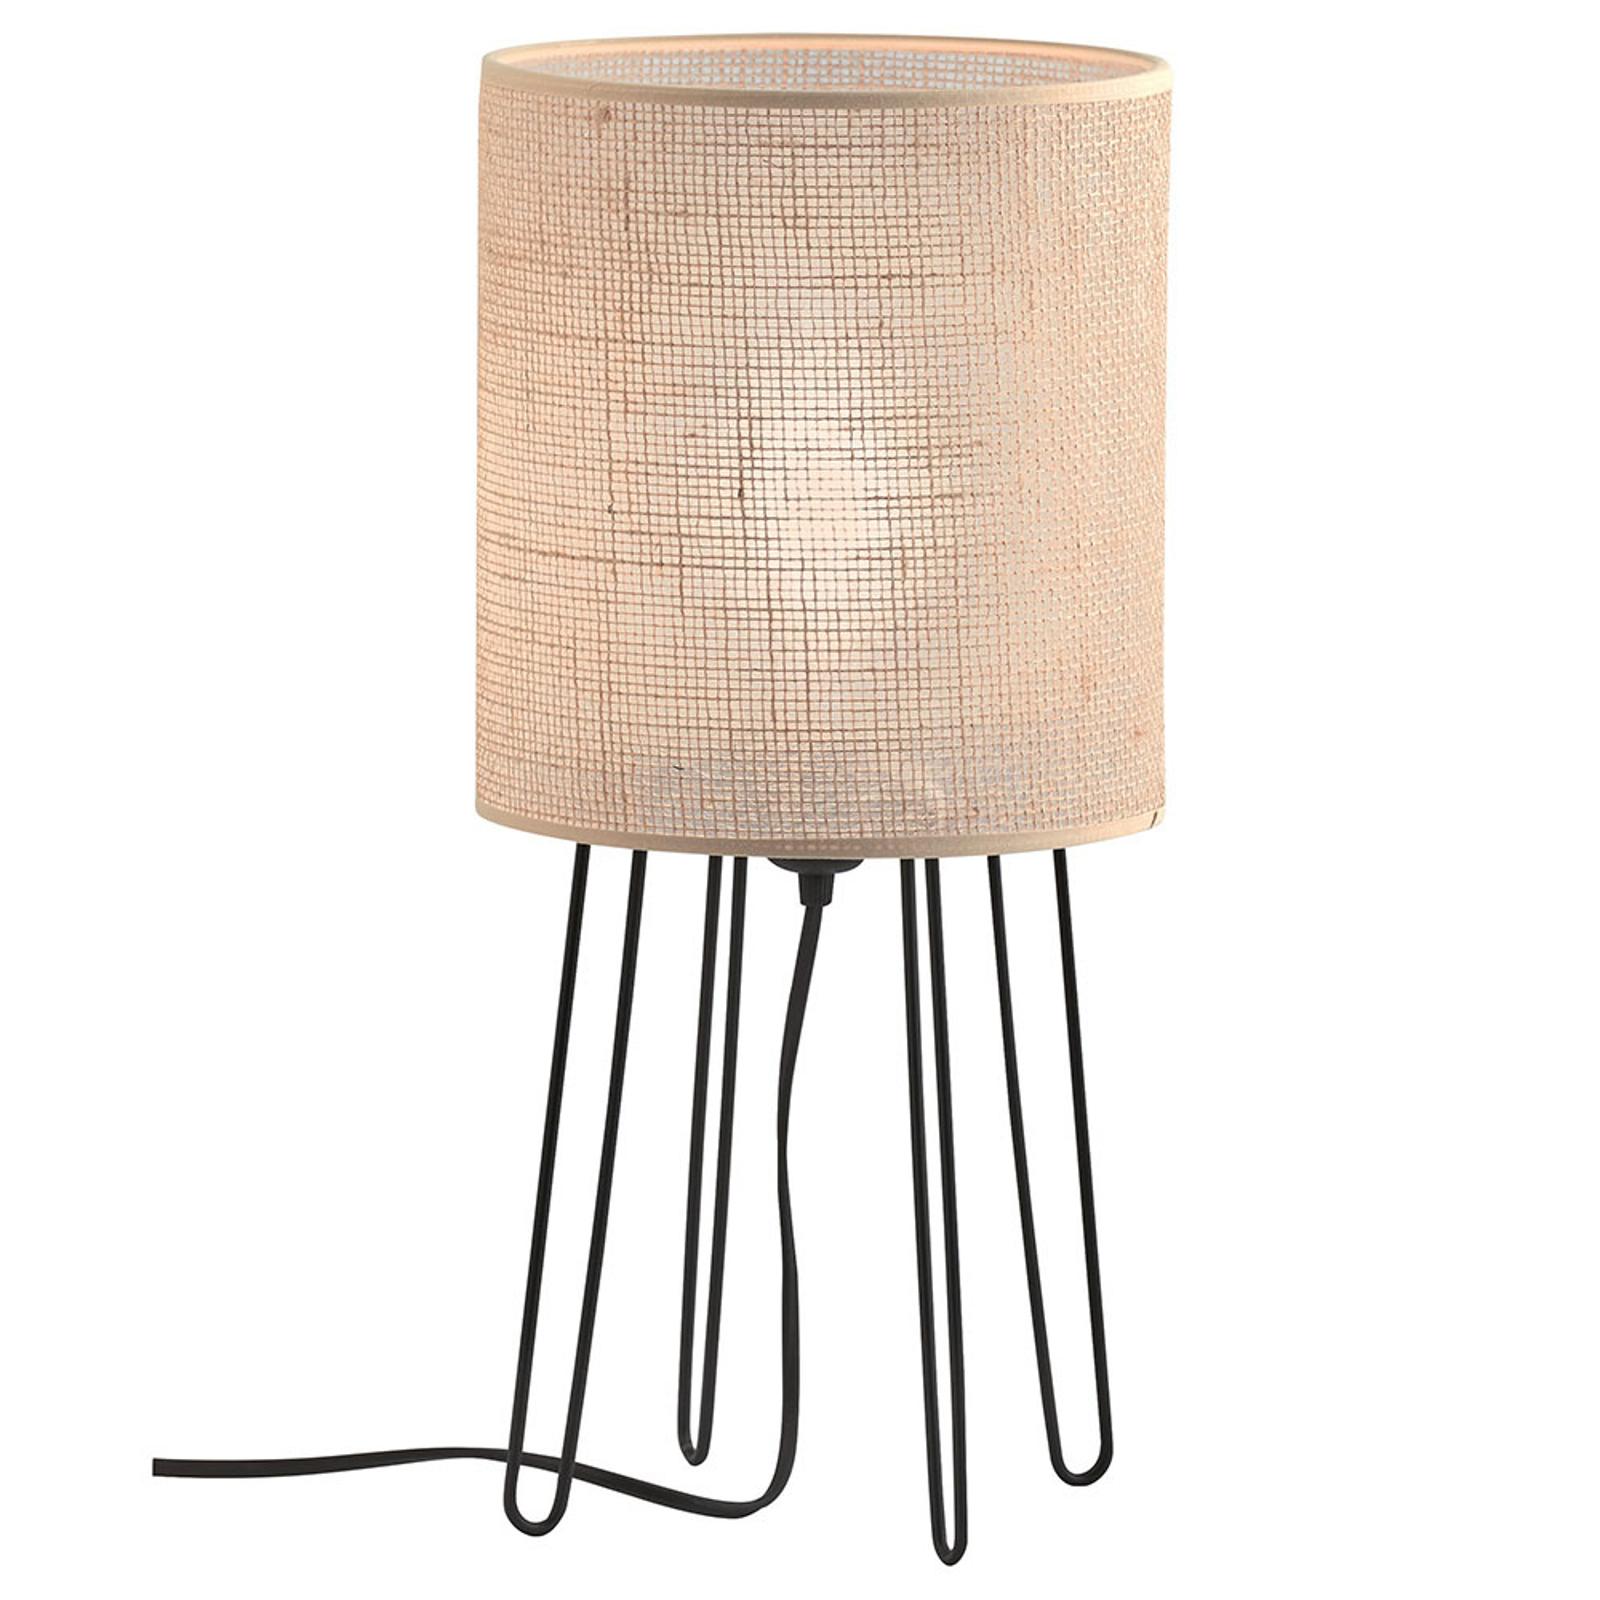 Lampa stołowa Senso z kloszem tekstylnym